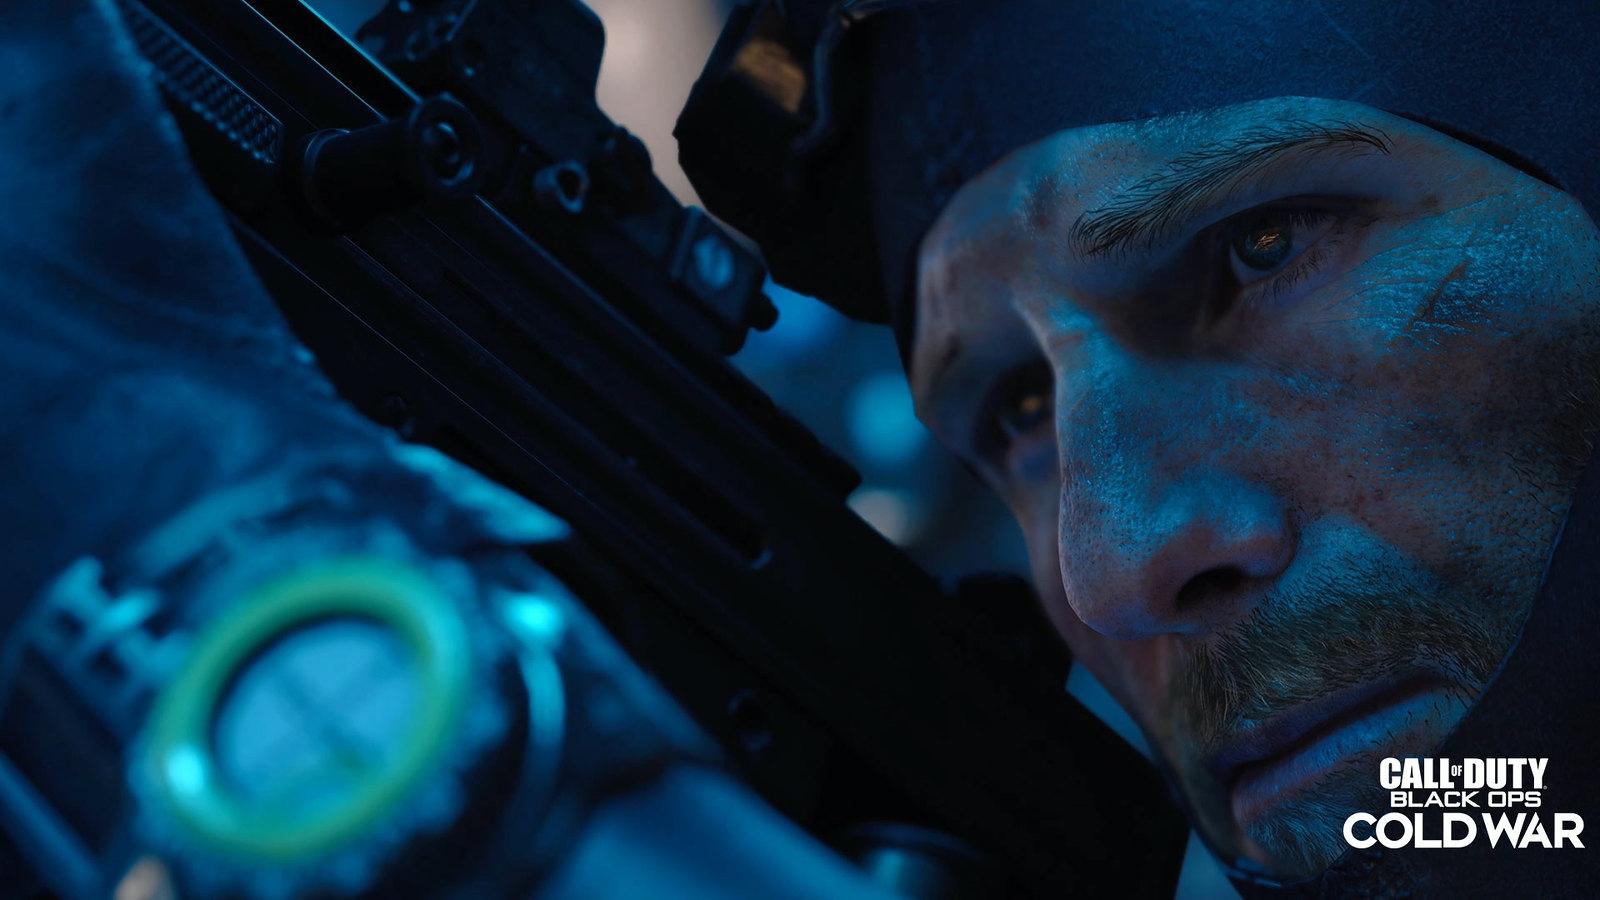 Dojmy z hraní - Call of Duty: Black Ops Cold War image001